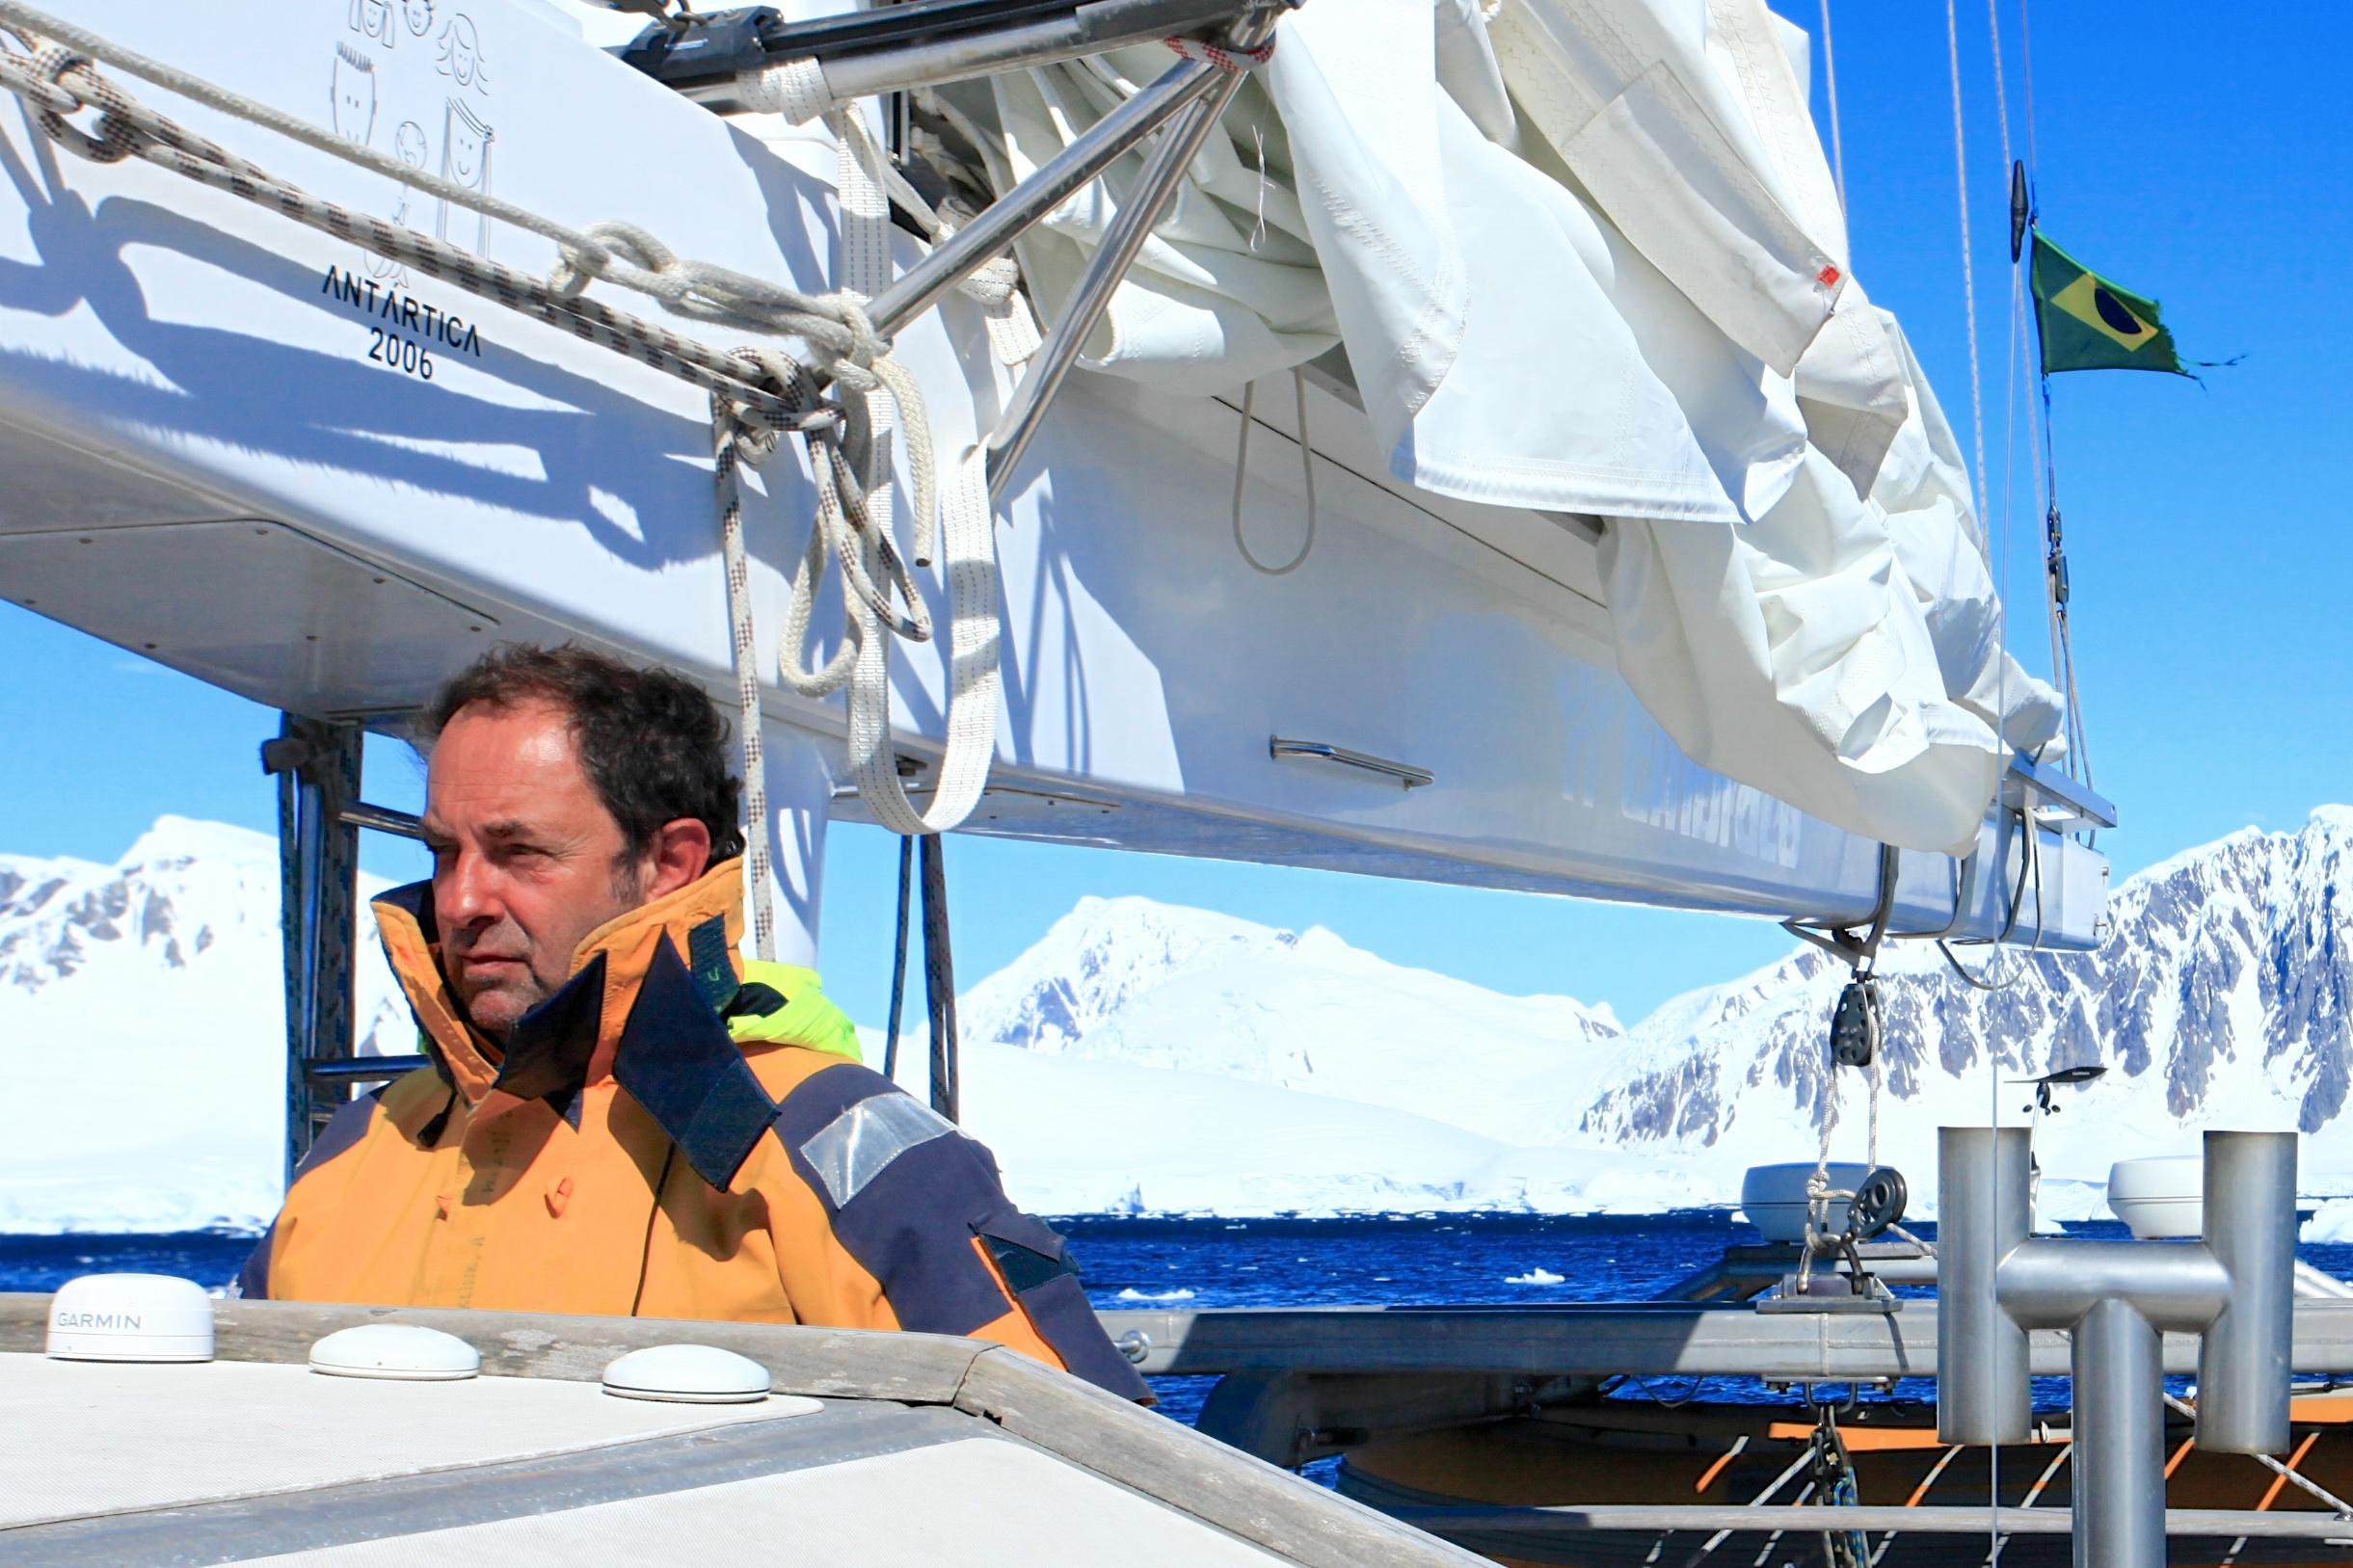 Klink off the coast of Antarctica